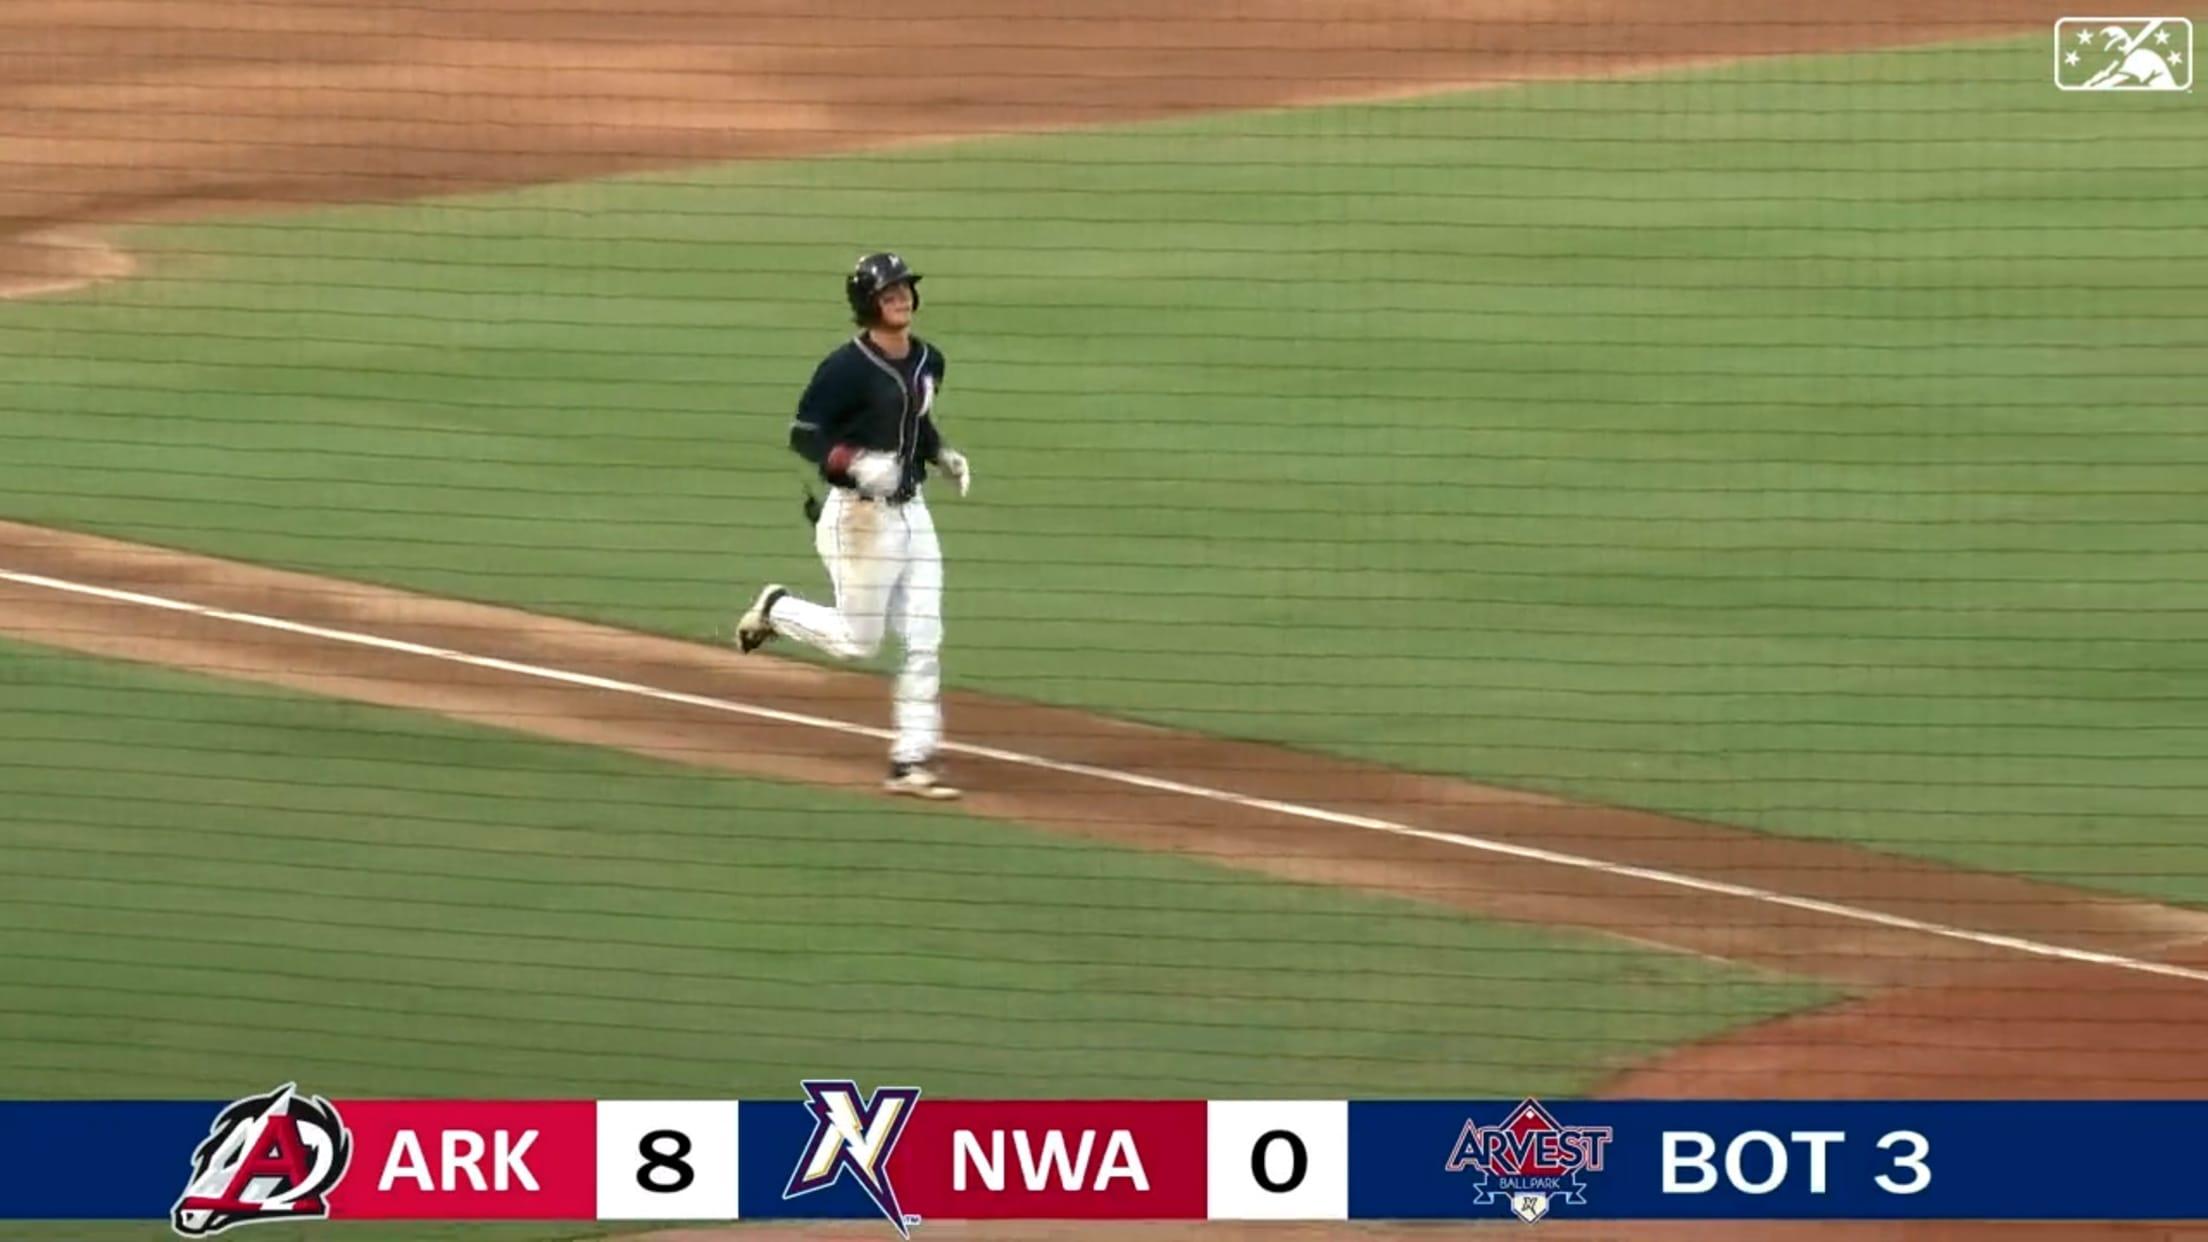 Bobby Witt's homer in Double-A